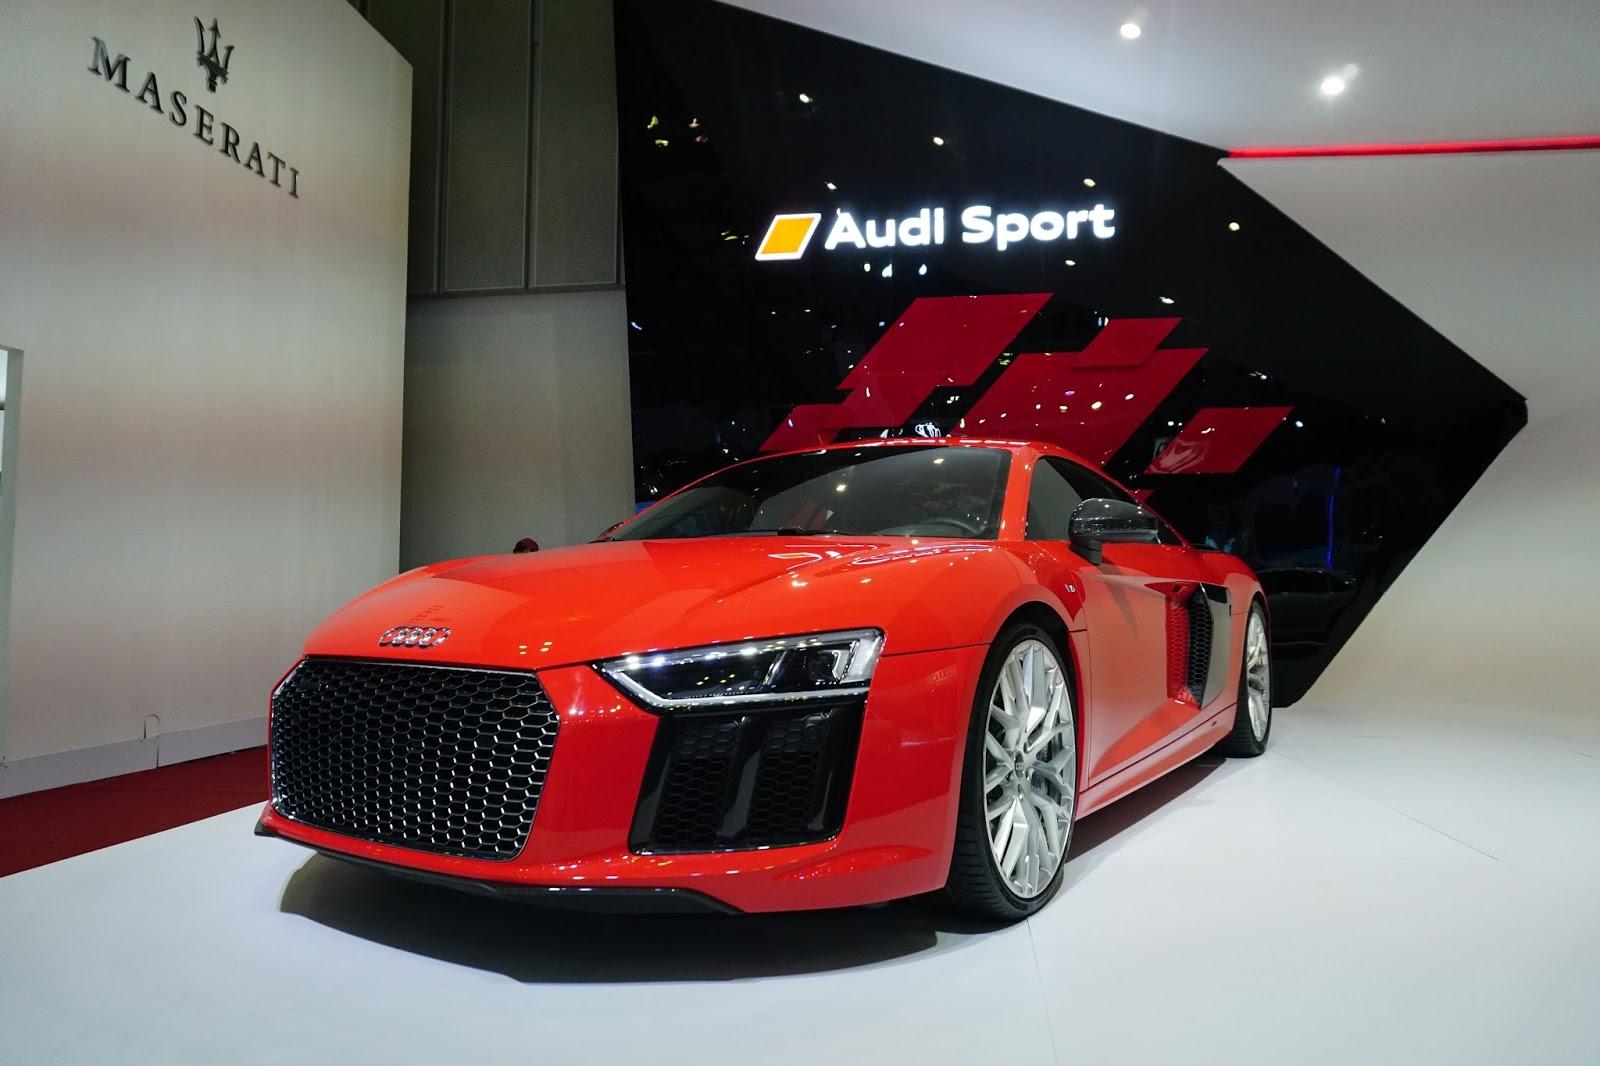 Audi R8 V10 Plus là siêu phẩm sáng giá tại VIMS 2016 năm nay